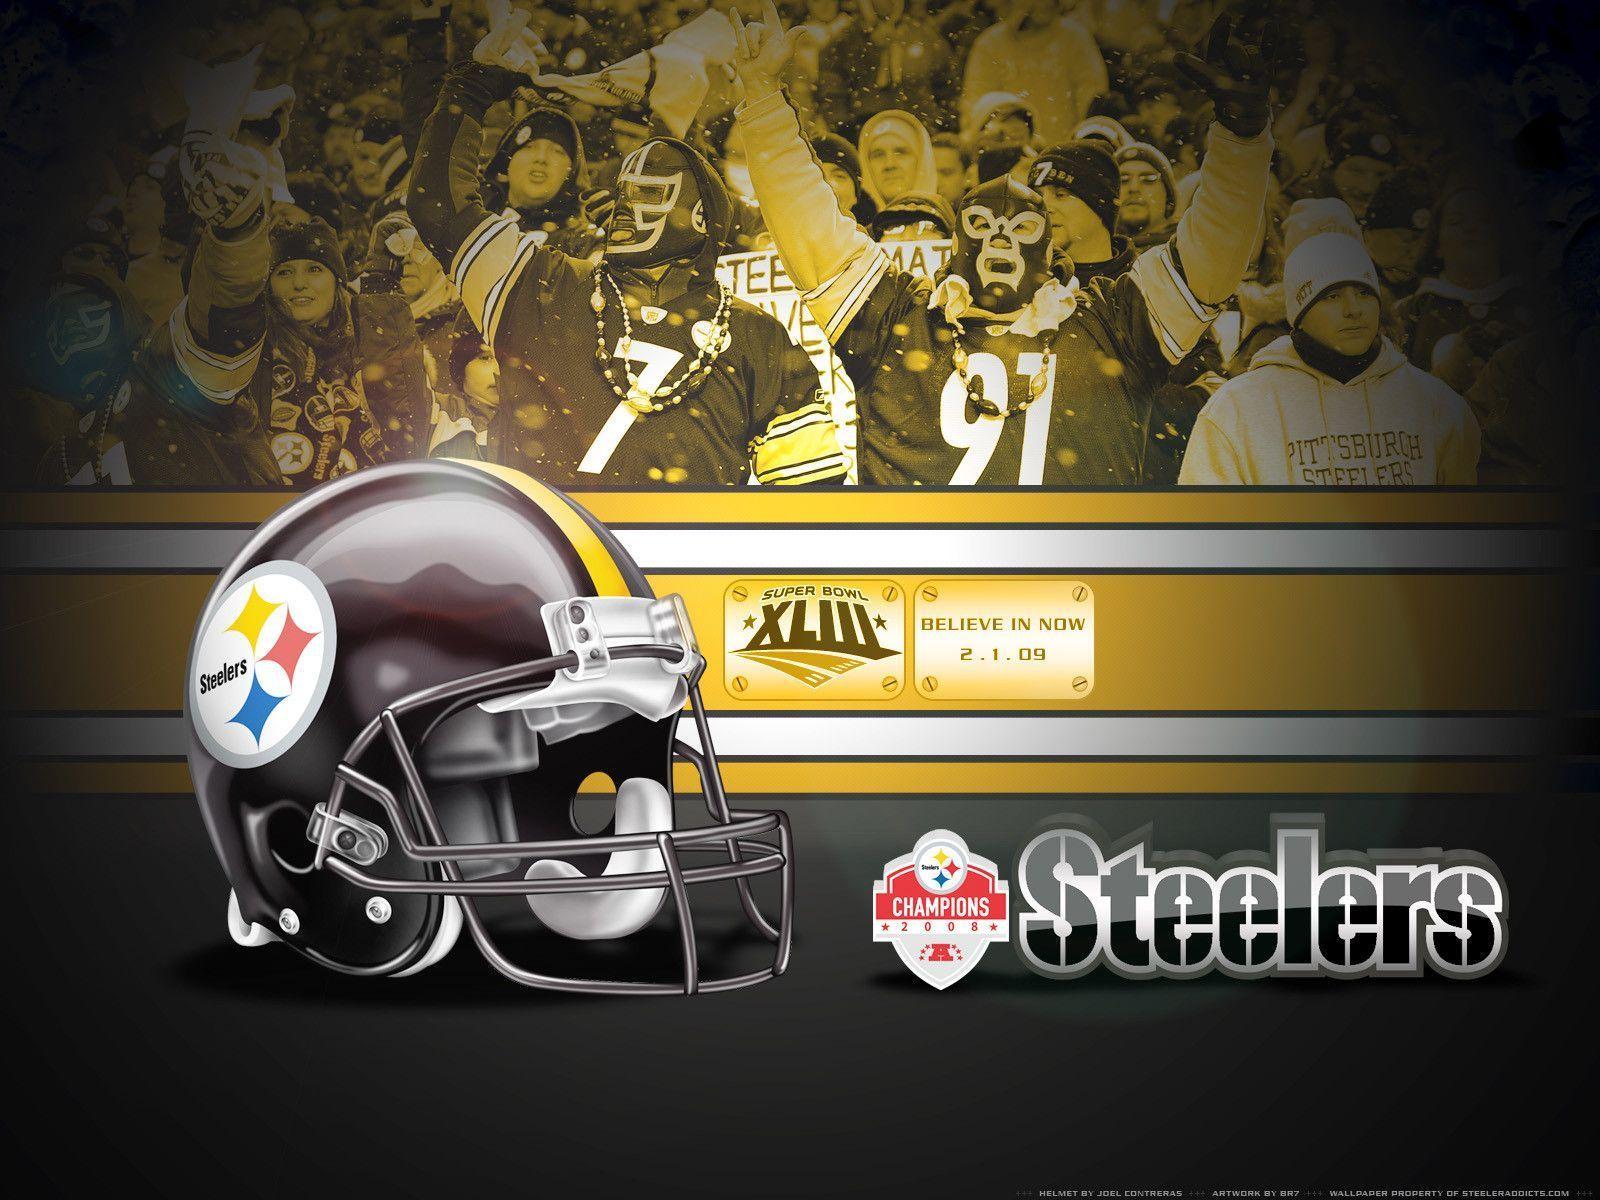 Steelers Wallpaper Hd Pittsburgh Steelers Wallpaper Hd Pixelstalk Net